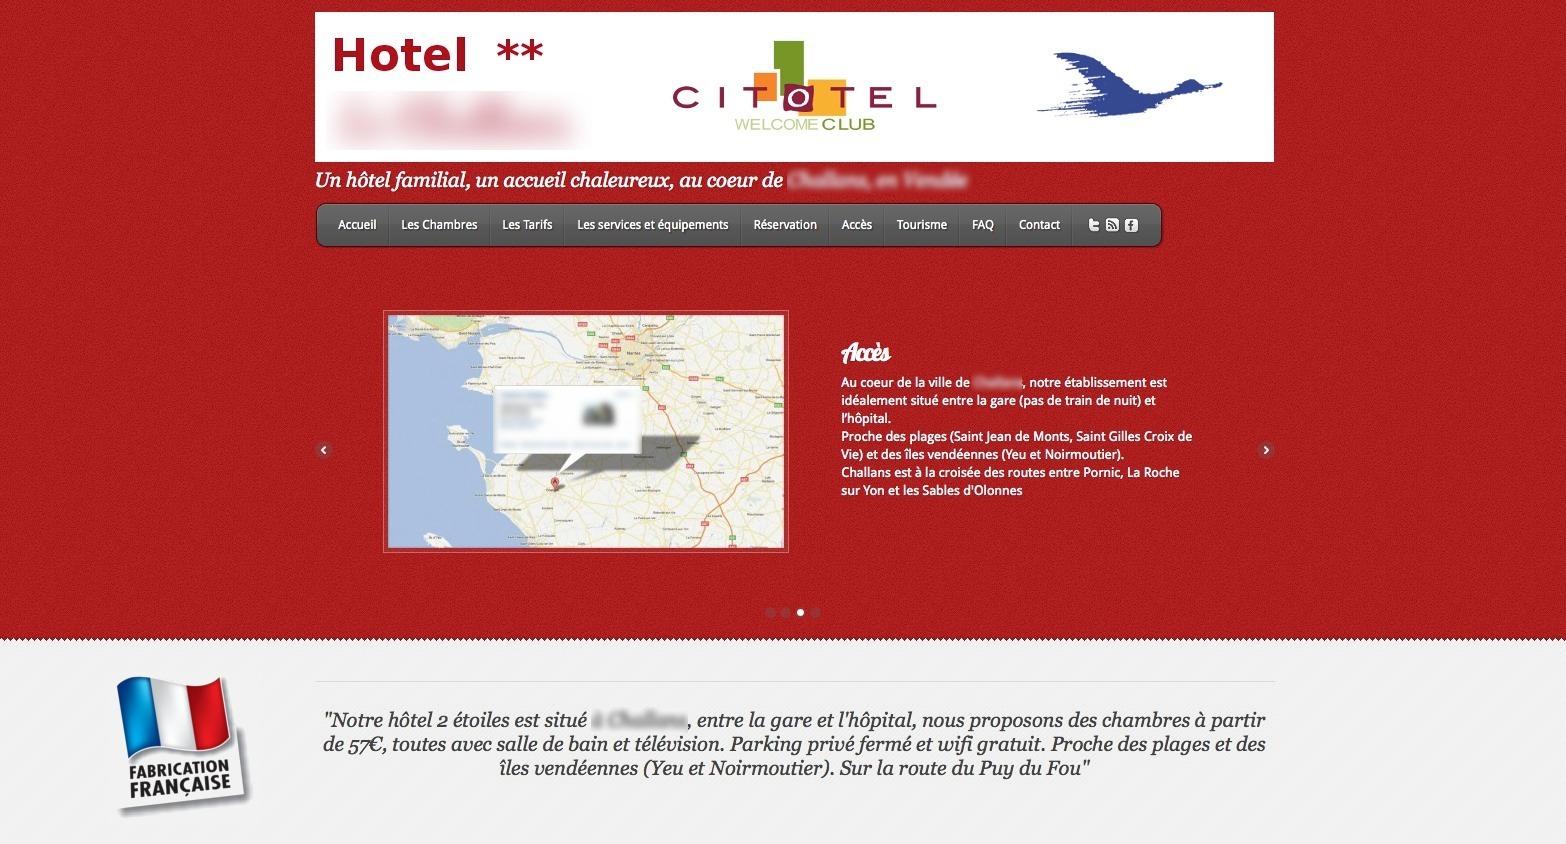 Argument commercial fabriqué en france sur le site d'un hôtel